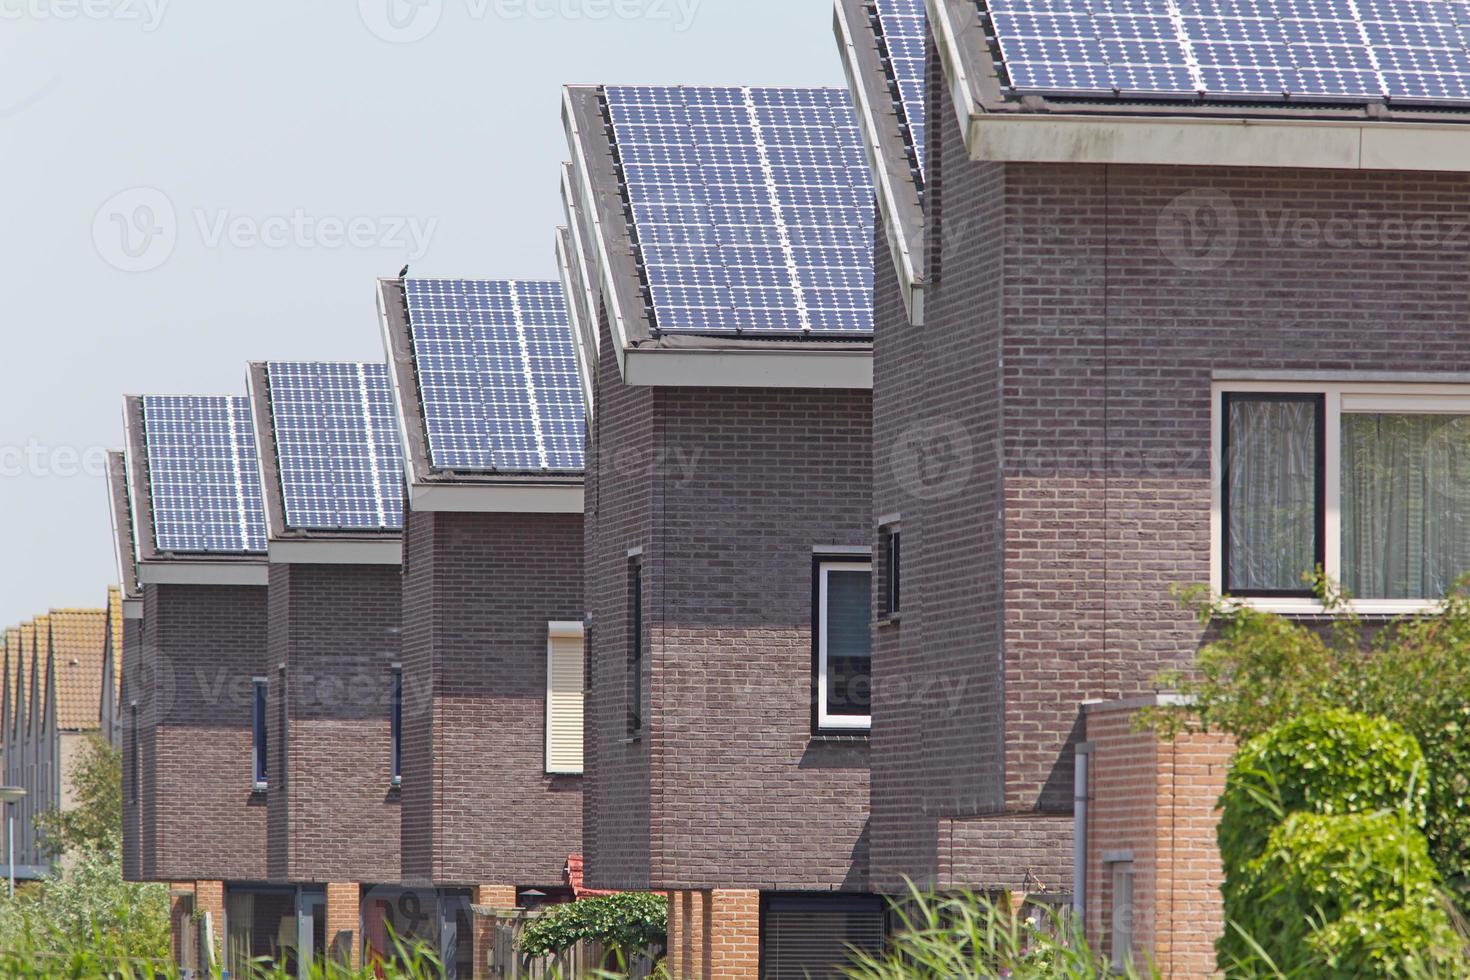 Nuevas viviendas familiares con paneles solares en el techo foto